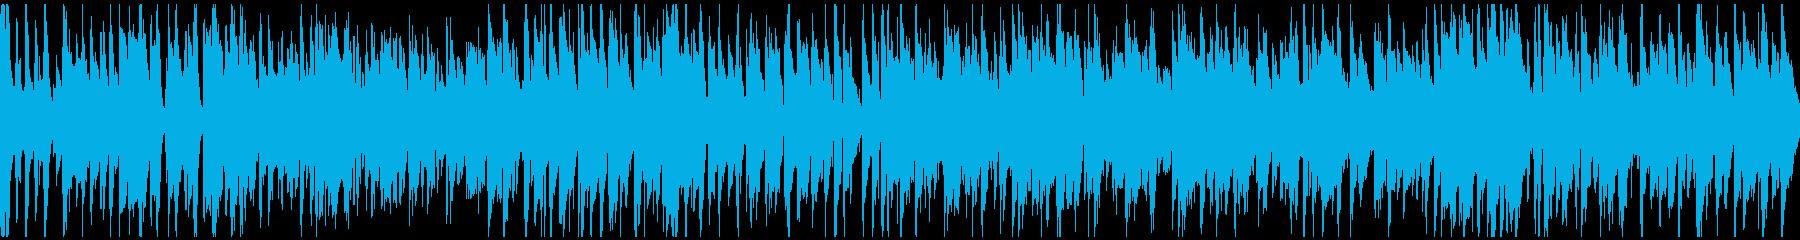 わくわくするライトなジャズ ※ループ版の再生済みの波形